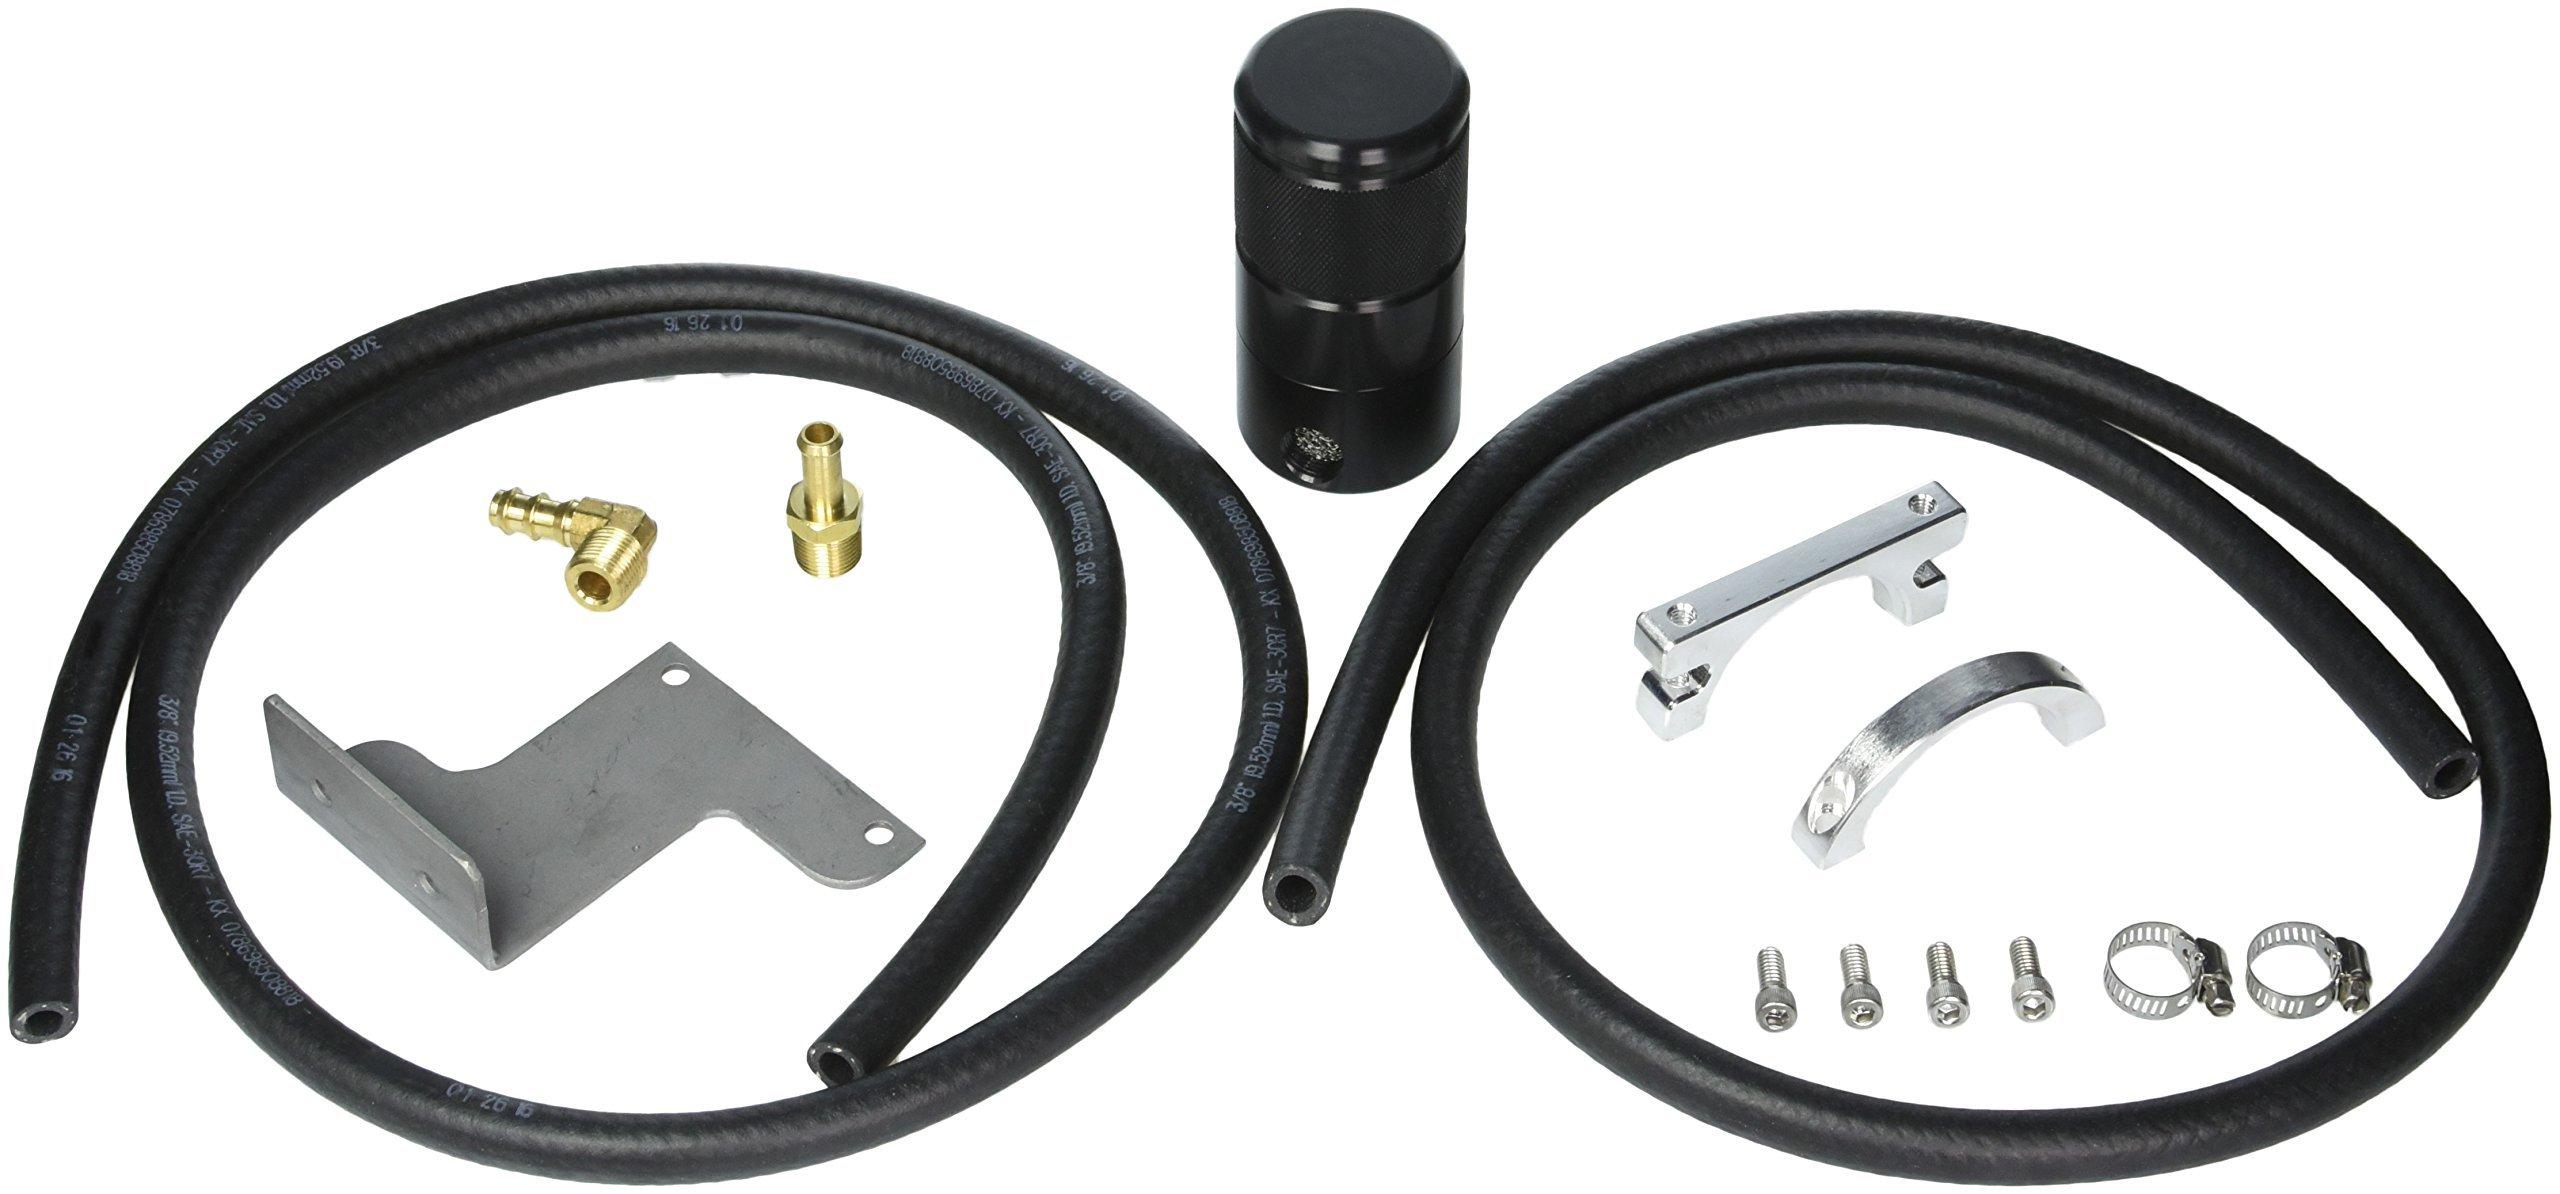 Moroso 85635 Air/Oil Separator, Black